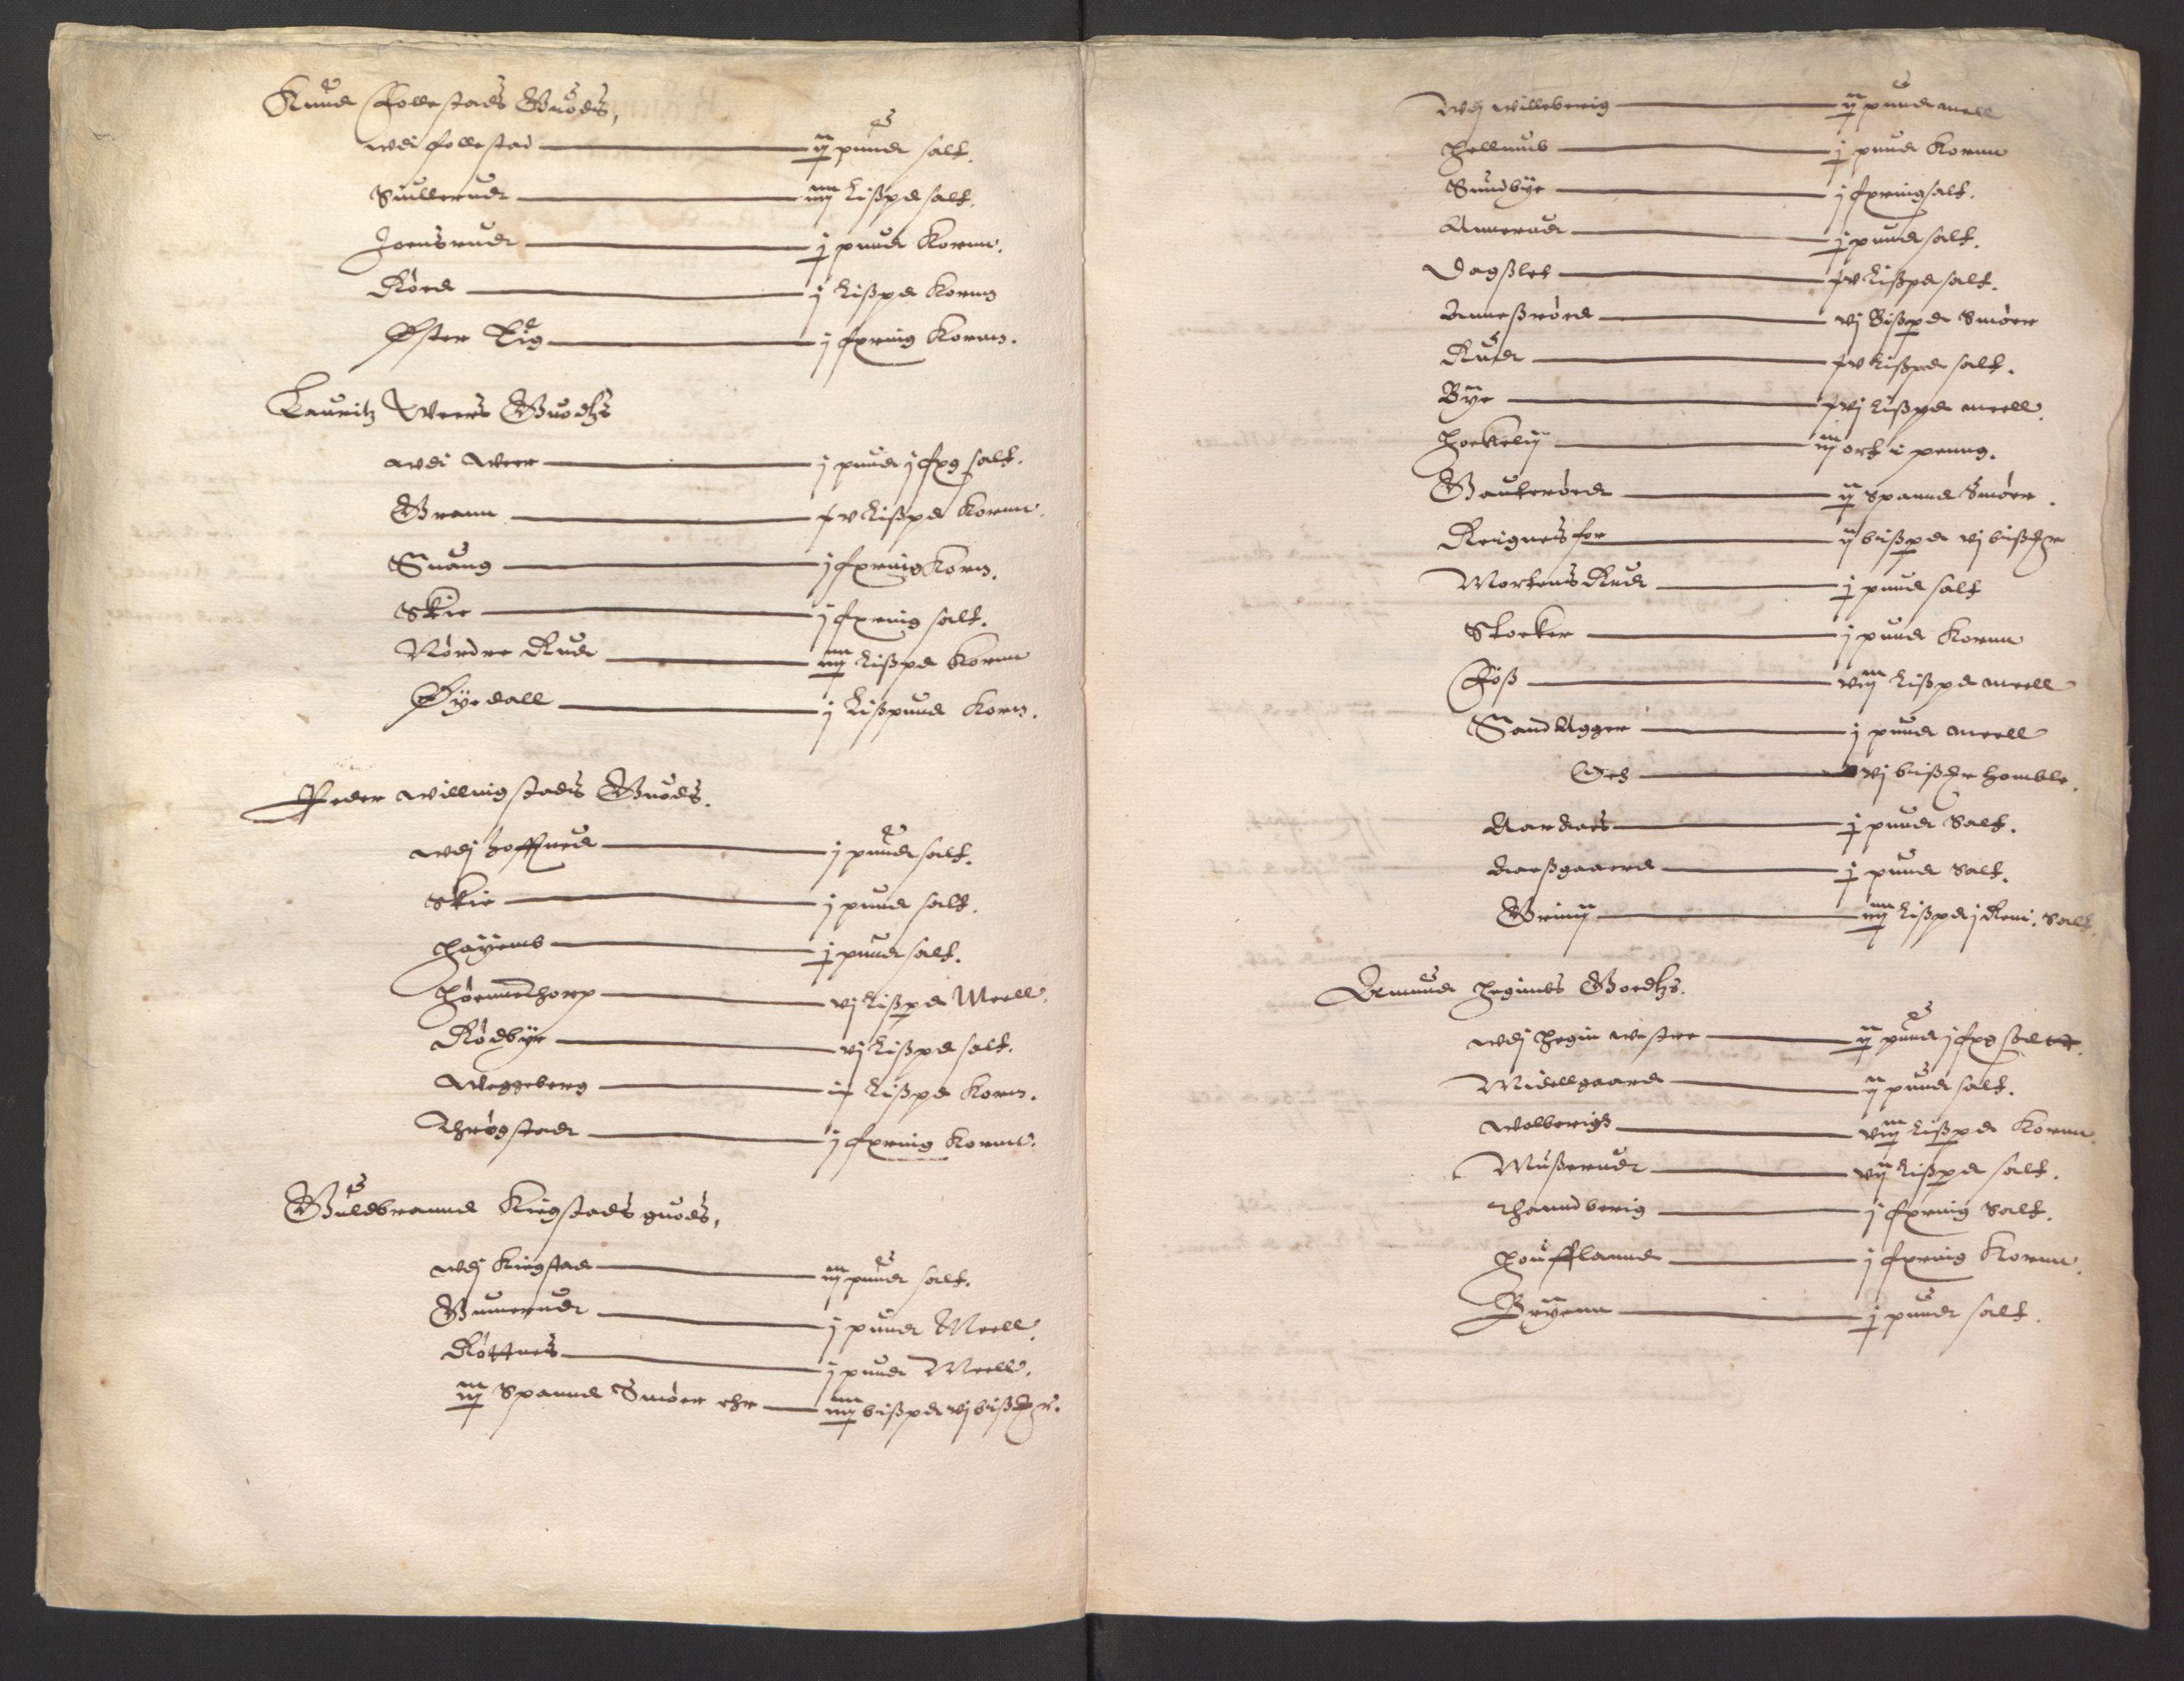 RA, Stattholderembetet 1572-1771, Ek/L0008: Jordebøker til utlikning av rosstjeneste 1624-1626:, 1624-1626, s. 311